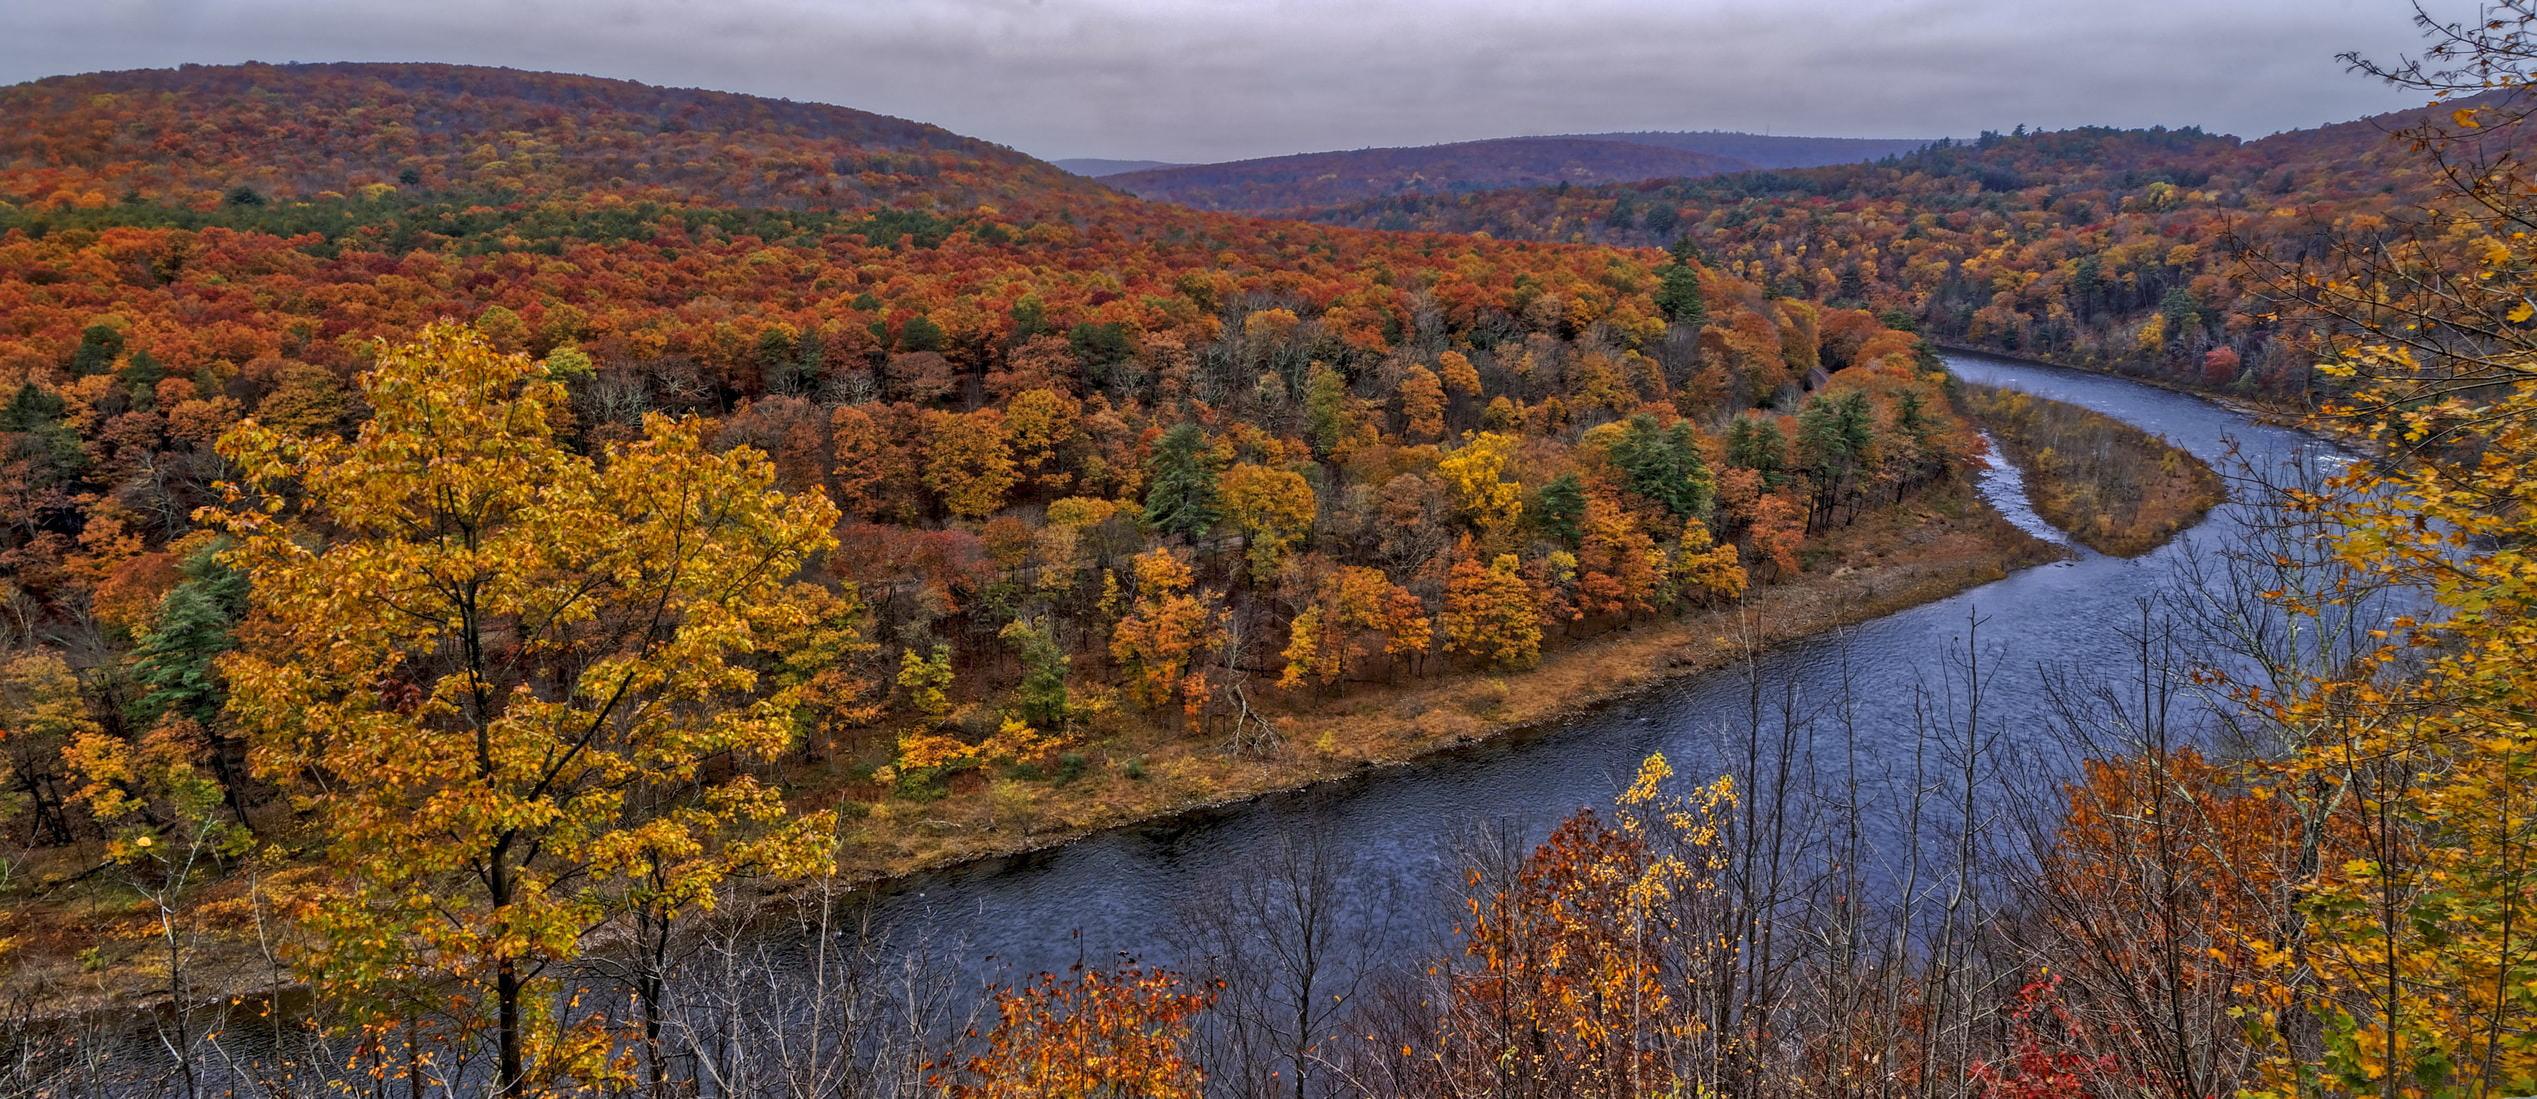 Região de Catskills, no estado de Nova York. Crédito: